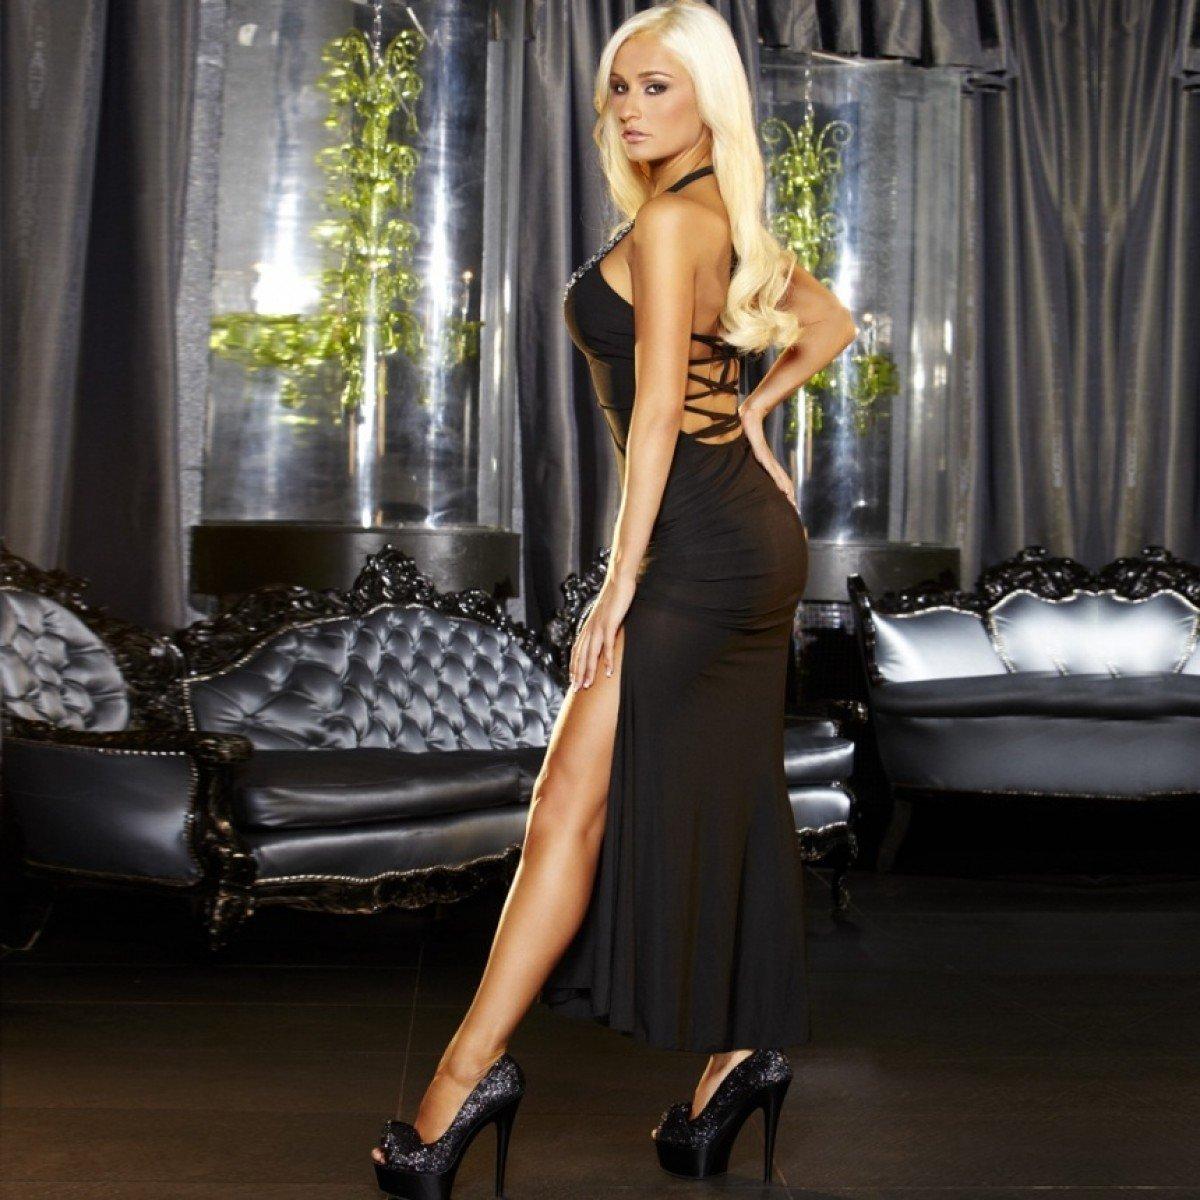 секси бизнес леди в вечернем платье фото эта